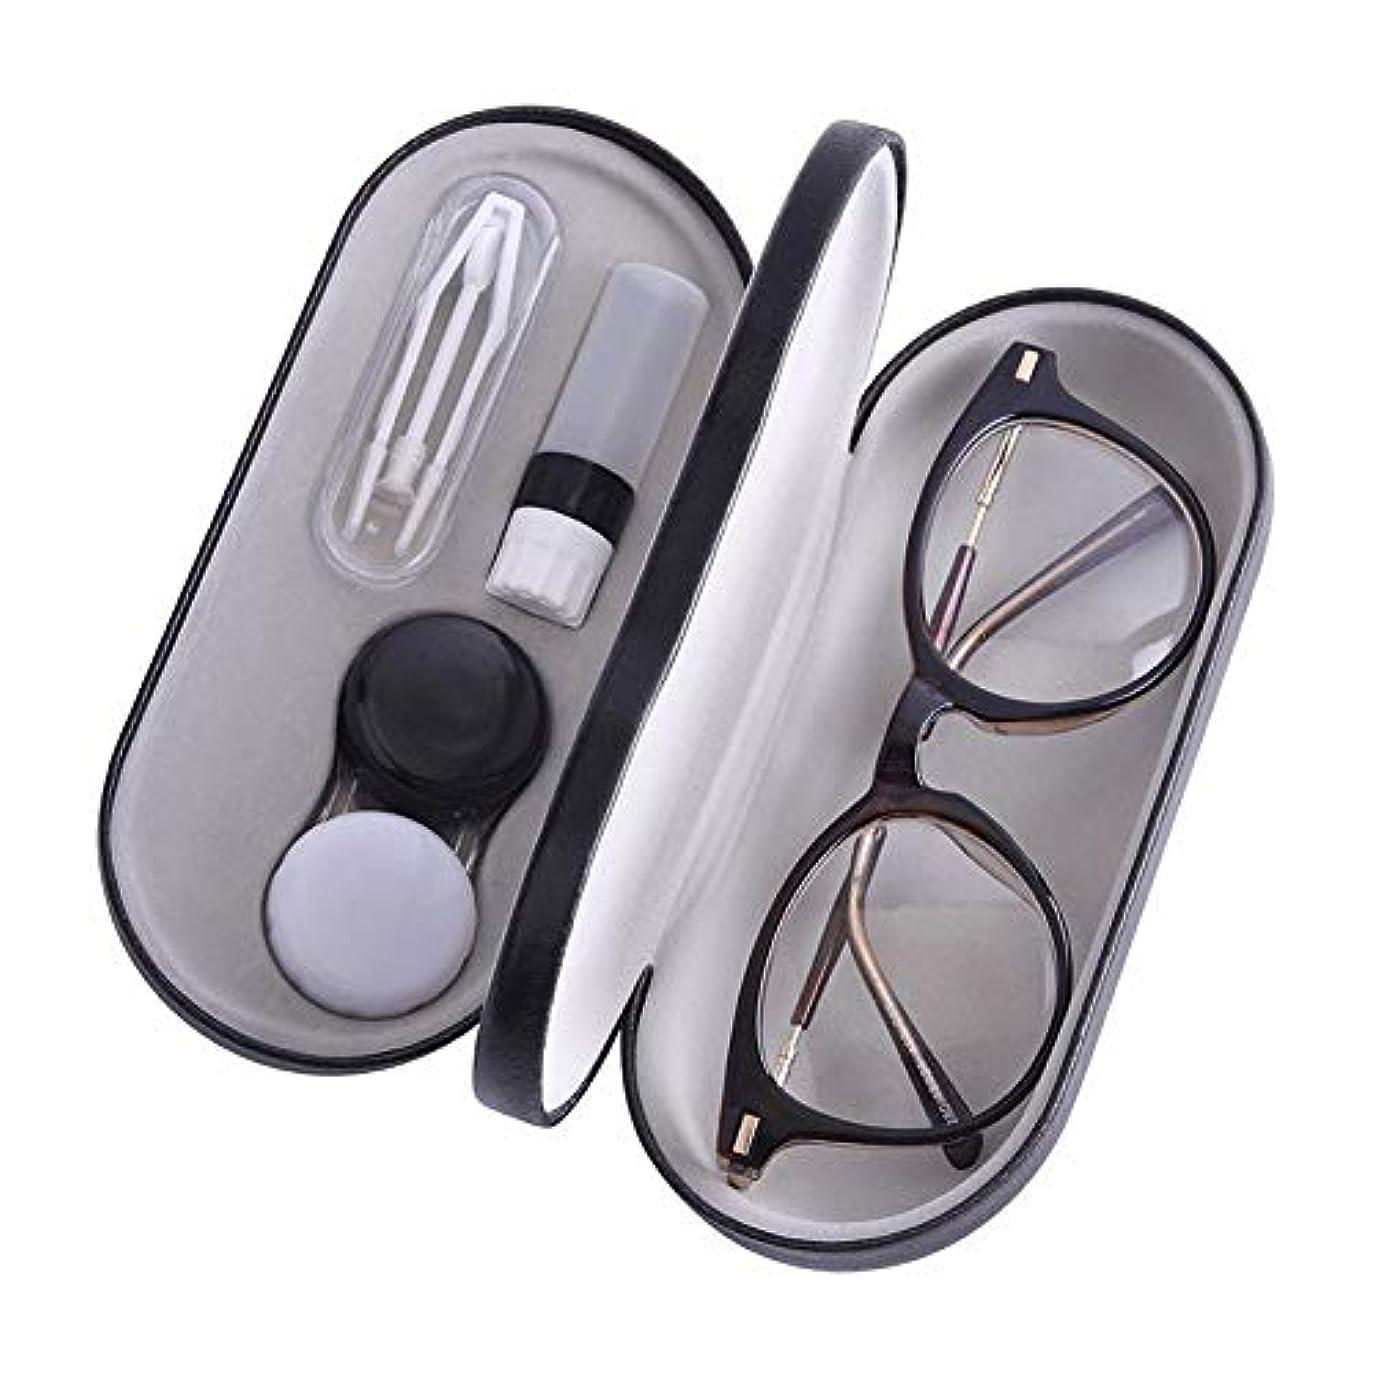 カエル羨望名詞コンタクトレンズケーストラベルホームイノベーション両面メガネ収納ボックストラベルセットボックス携帯しやすいミニボックスコンテナコンタクトレンズフレーム